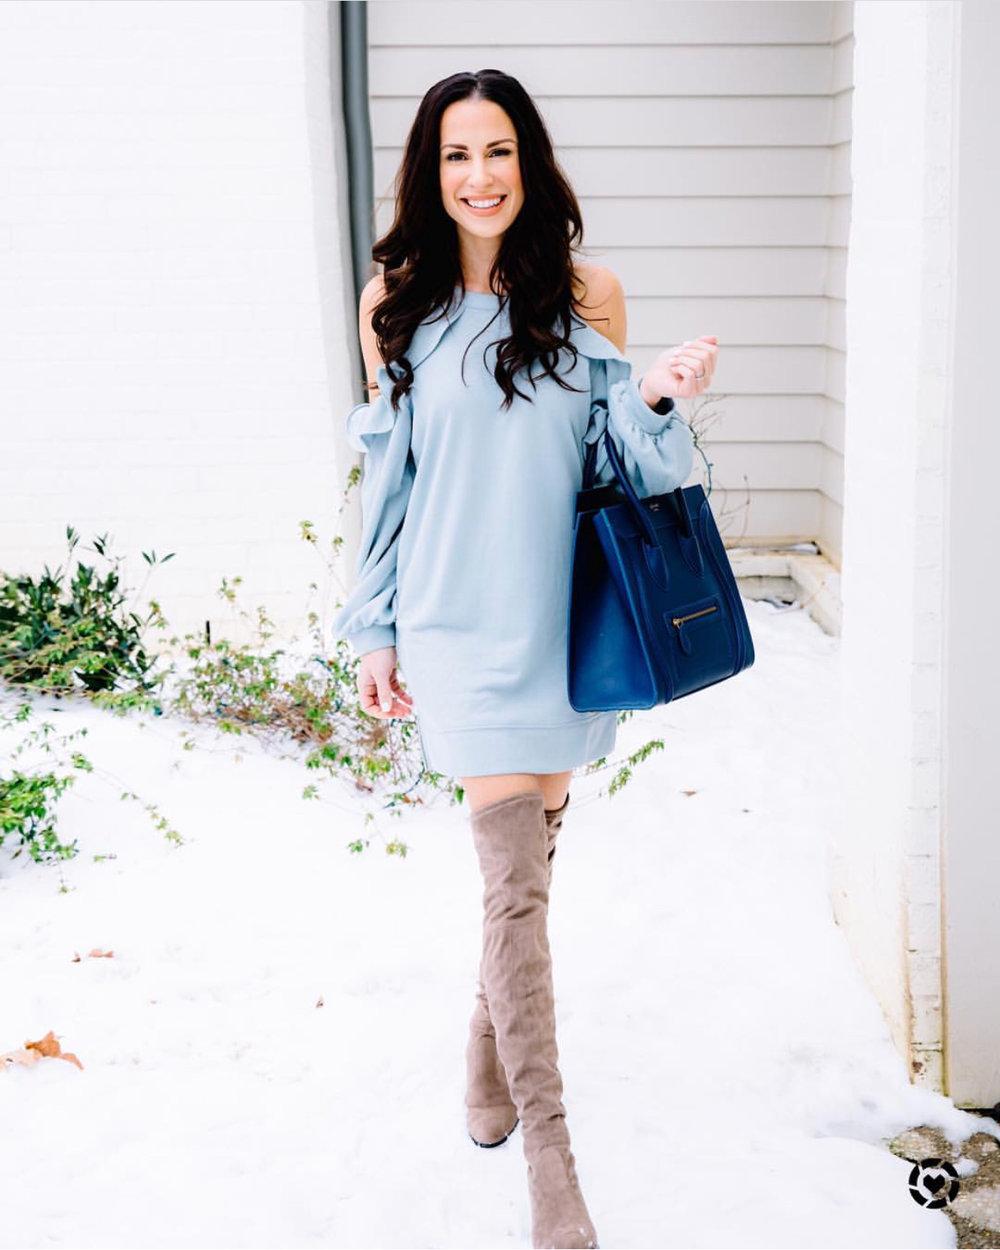 Light Blue Dress and Boots.jpg